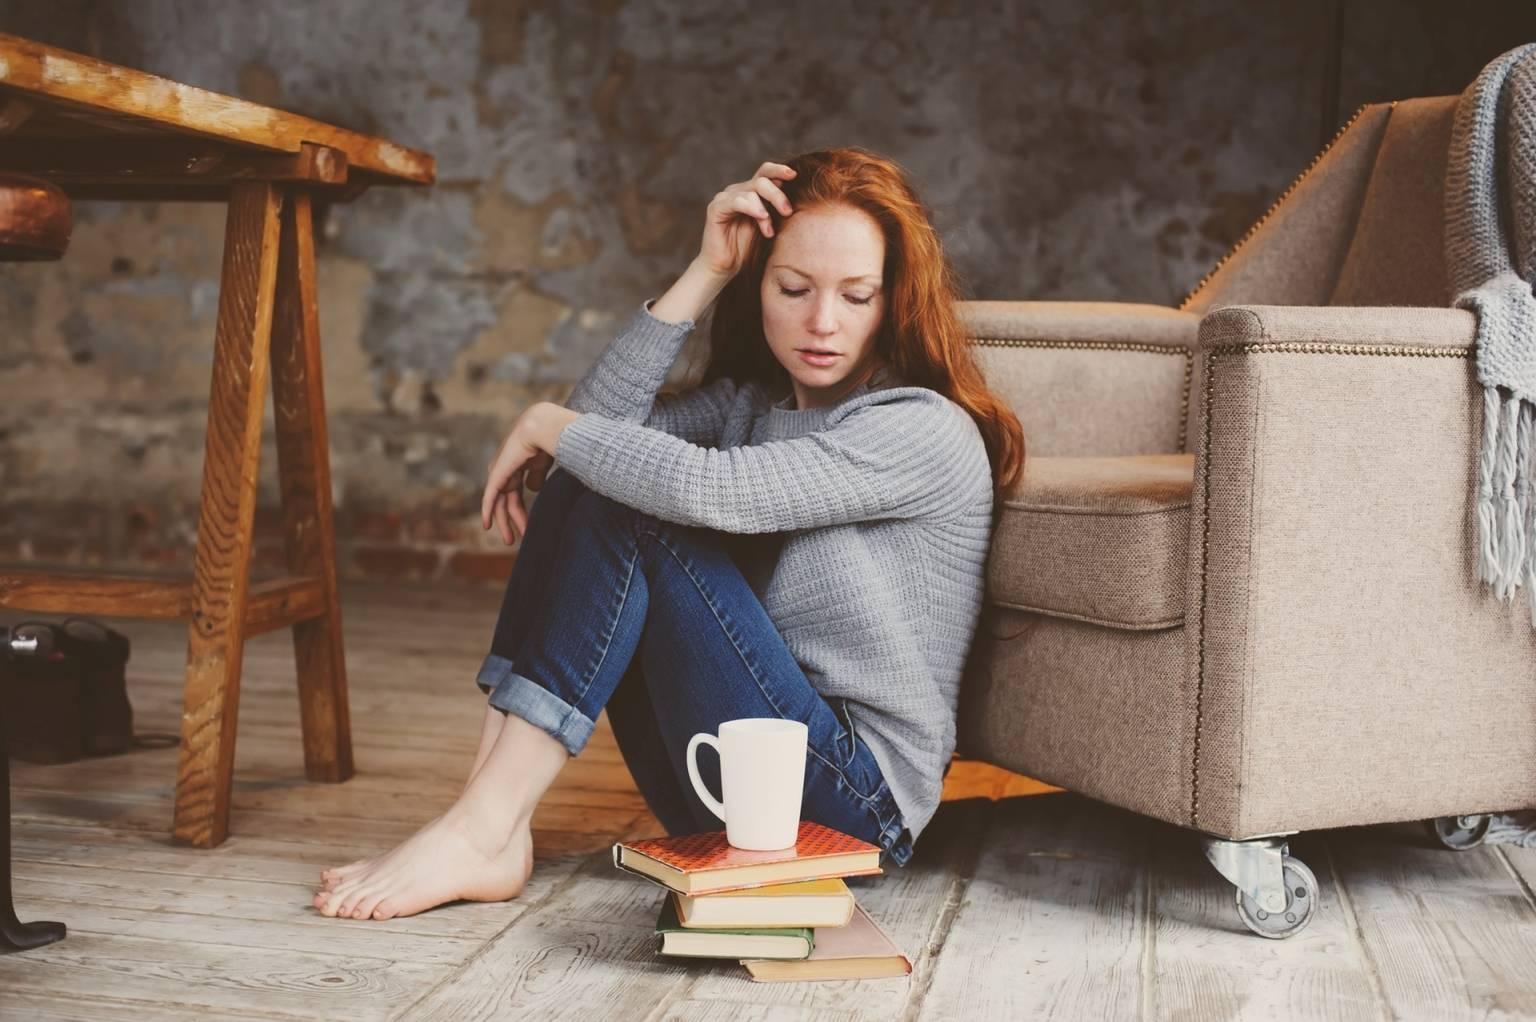 Jak leczyć depresję wg medycyny chińskiej? Rudowłosa zamyślona dziewczyna w szarym swetrze i dżinsach siedzi w pokoju na podłodze, opiera się plecami o fotel, patrzy na kubek herbaty i książki.